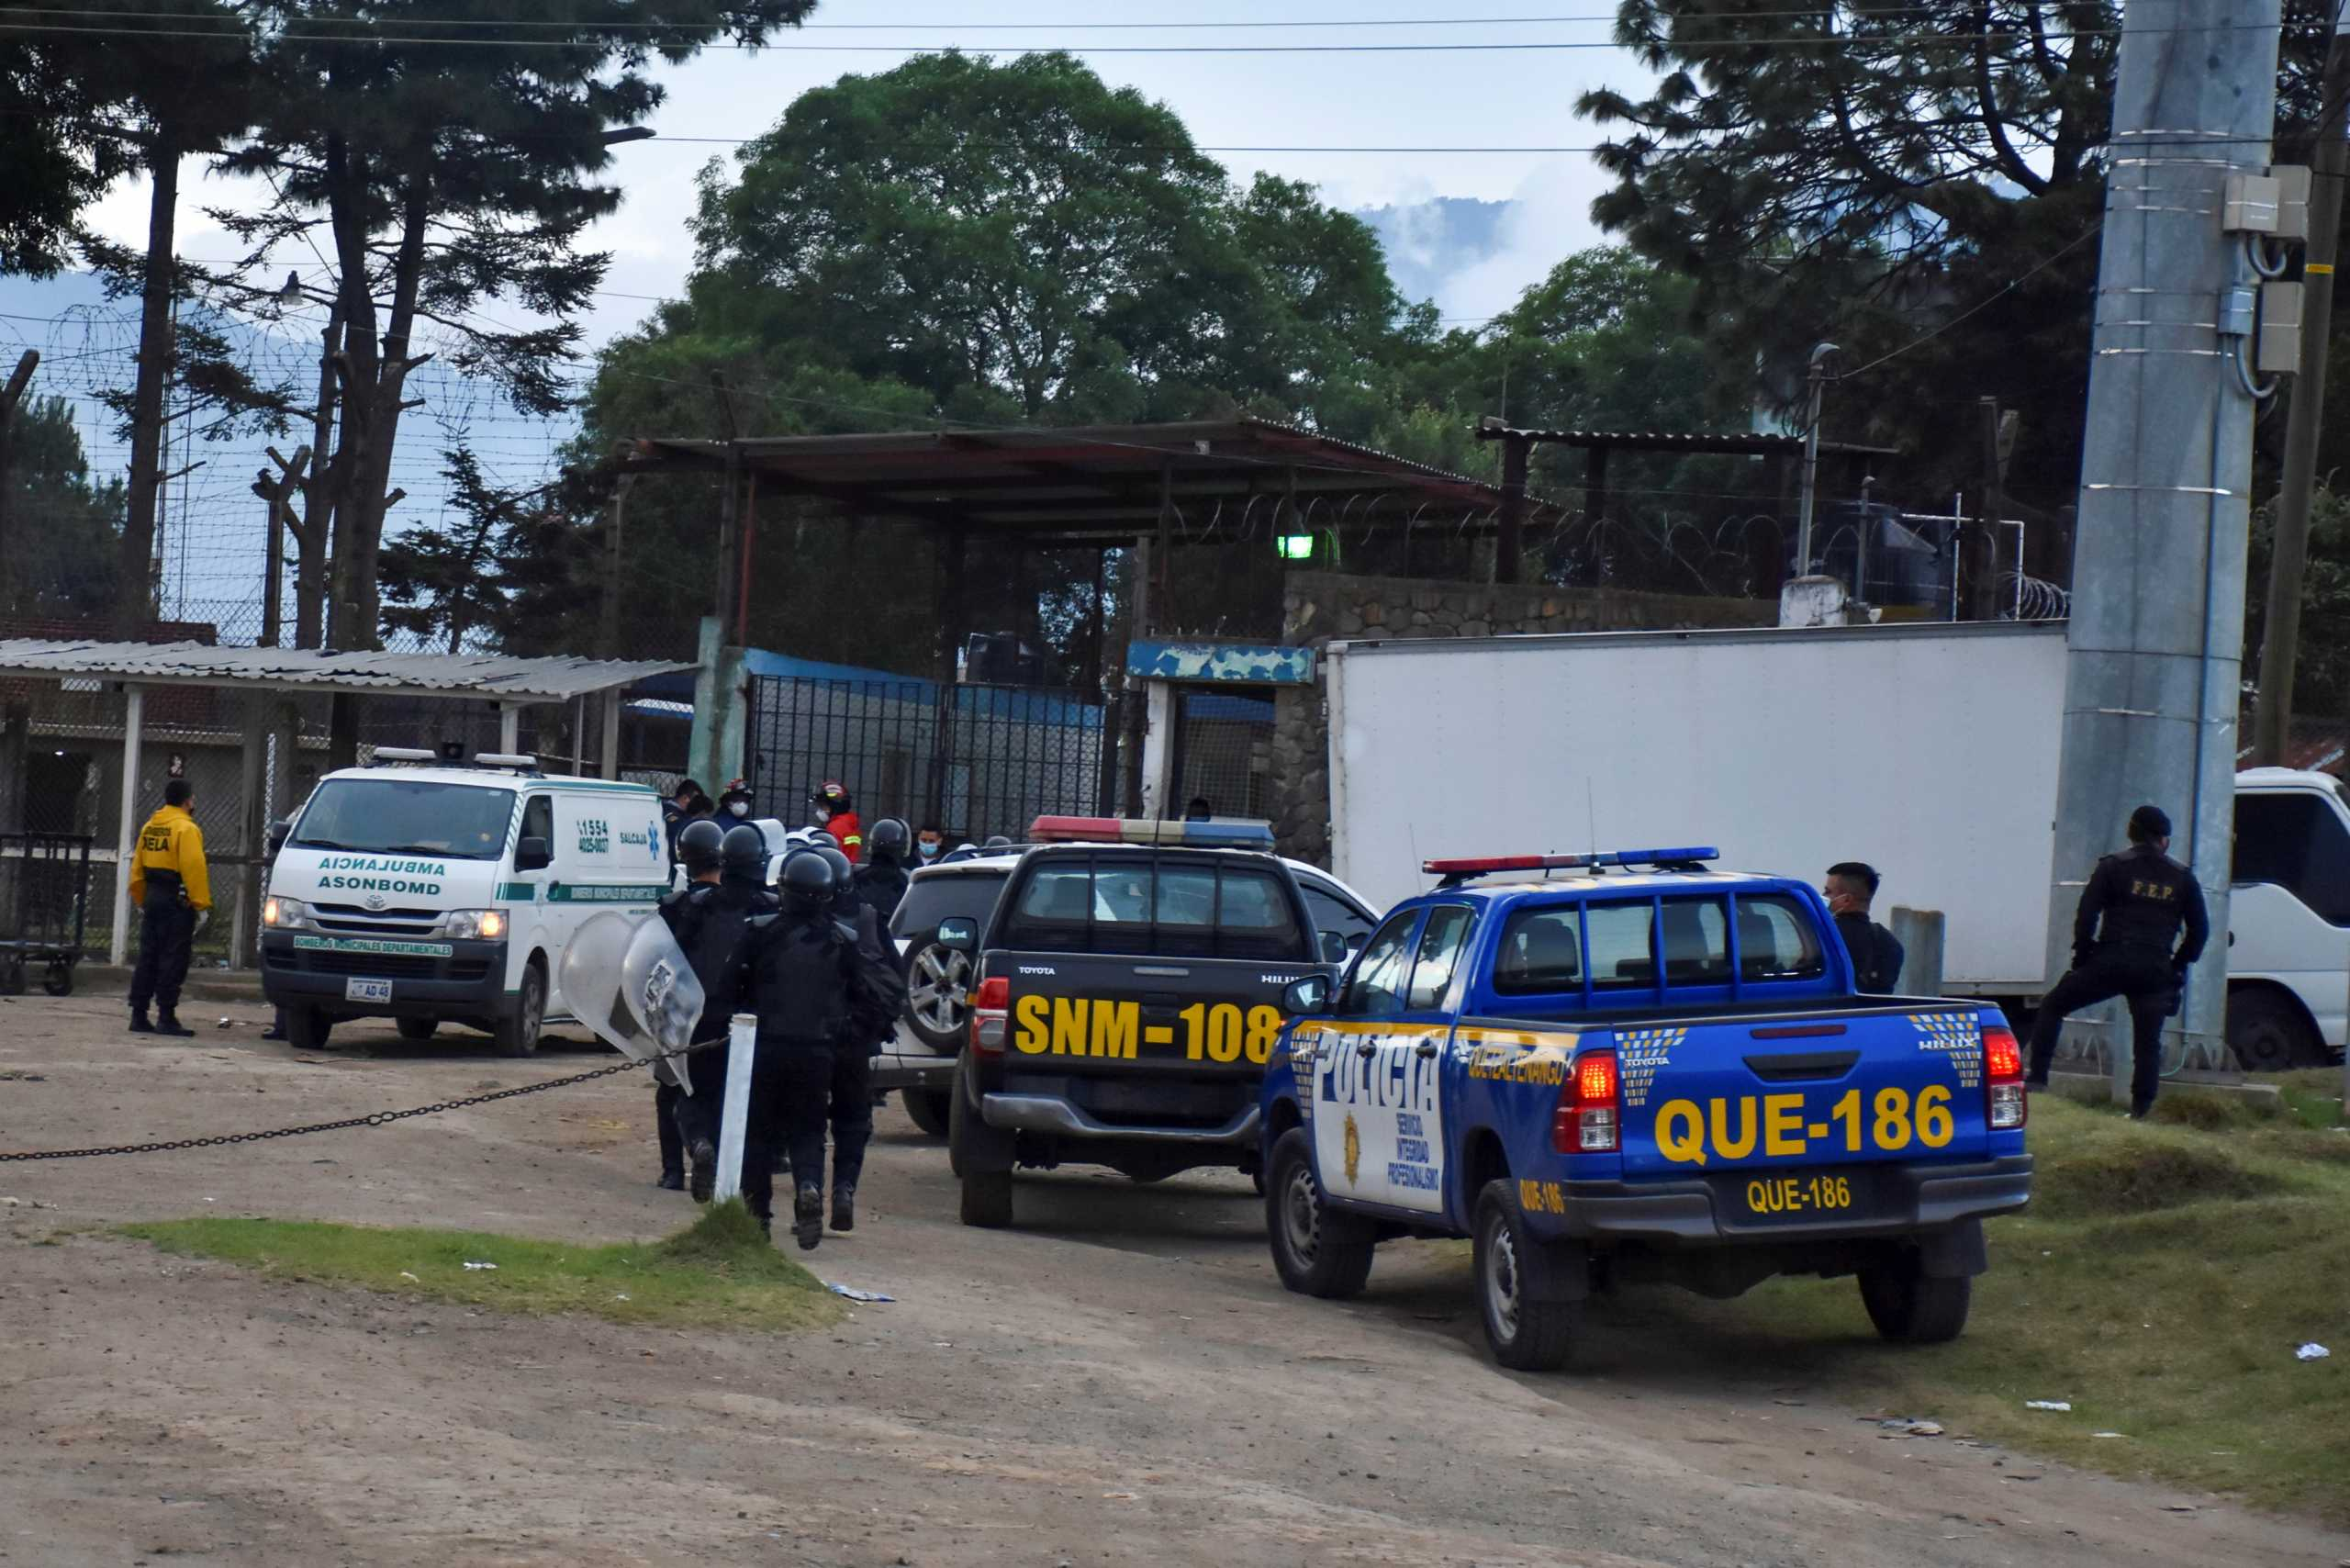 Γουατεμάλα: Συγκρούσεις συμμοριών σε φυλακή – Τουλάχιστον 6 αποκεφαλισμοί